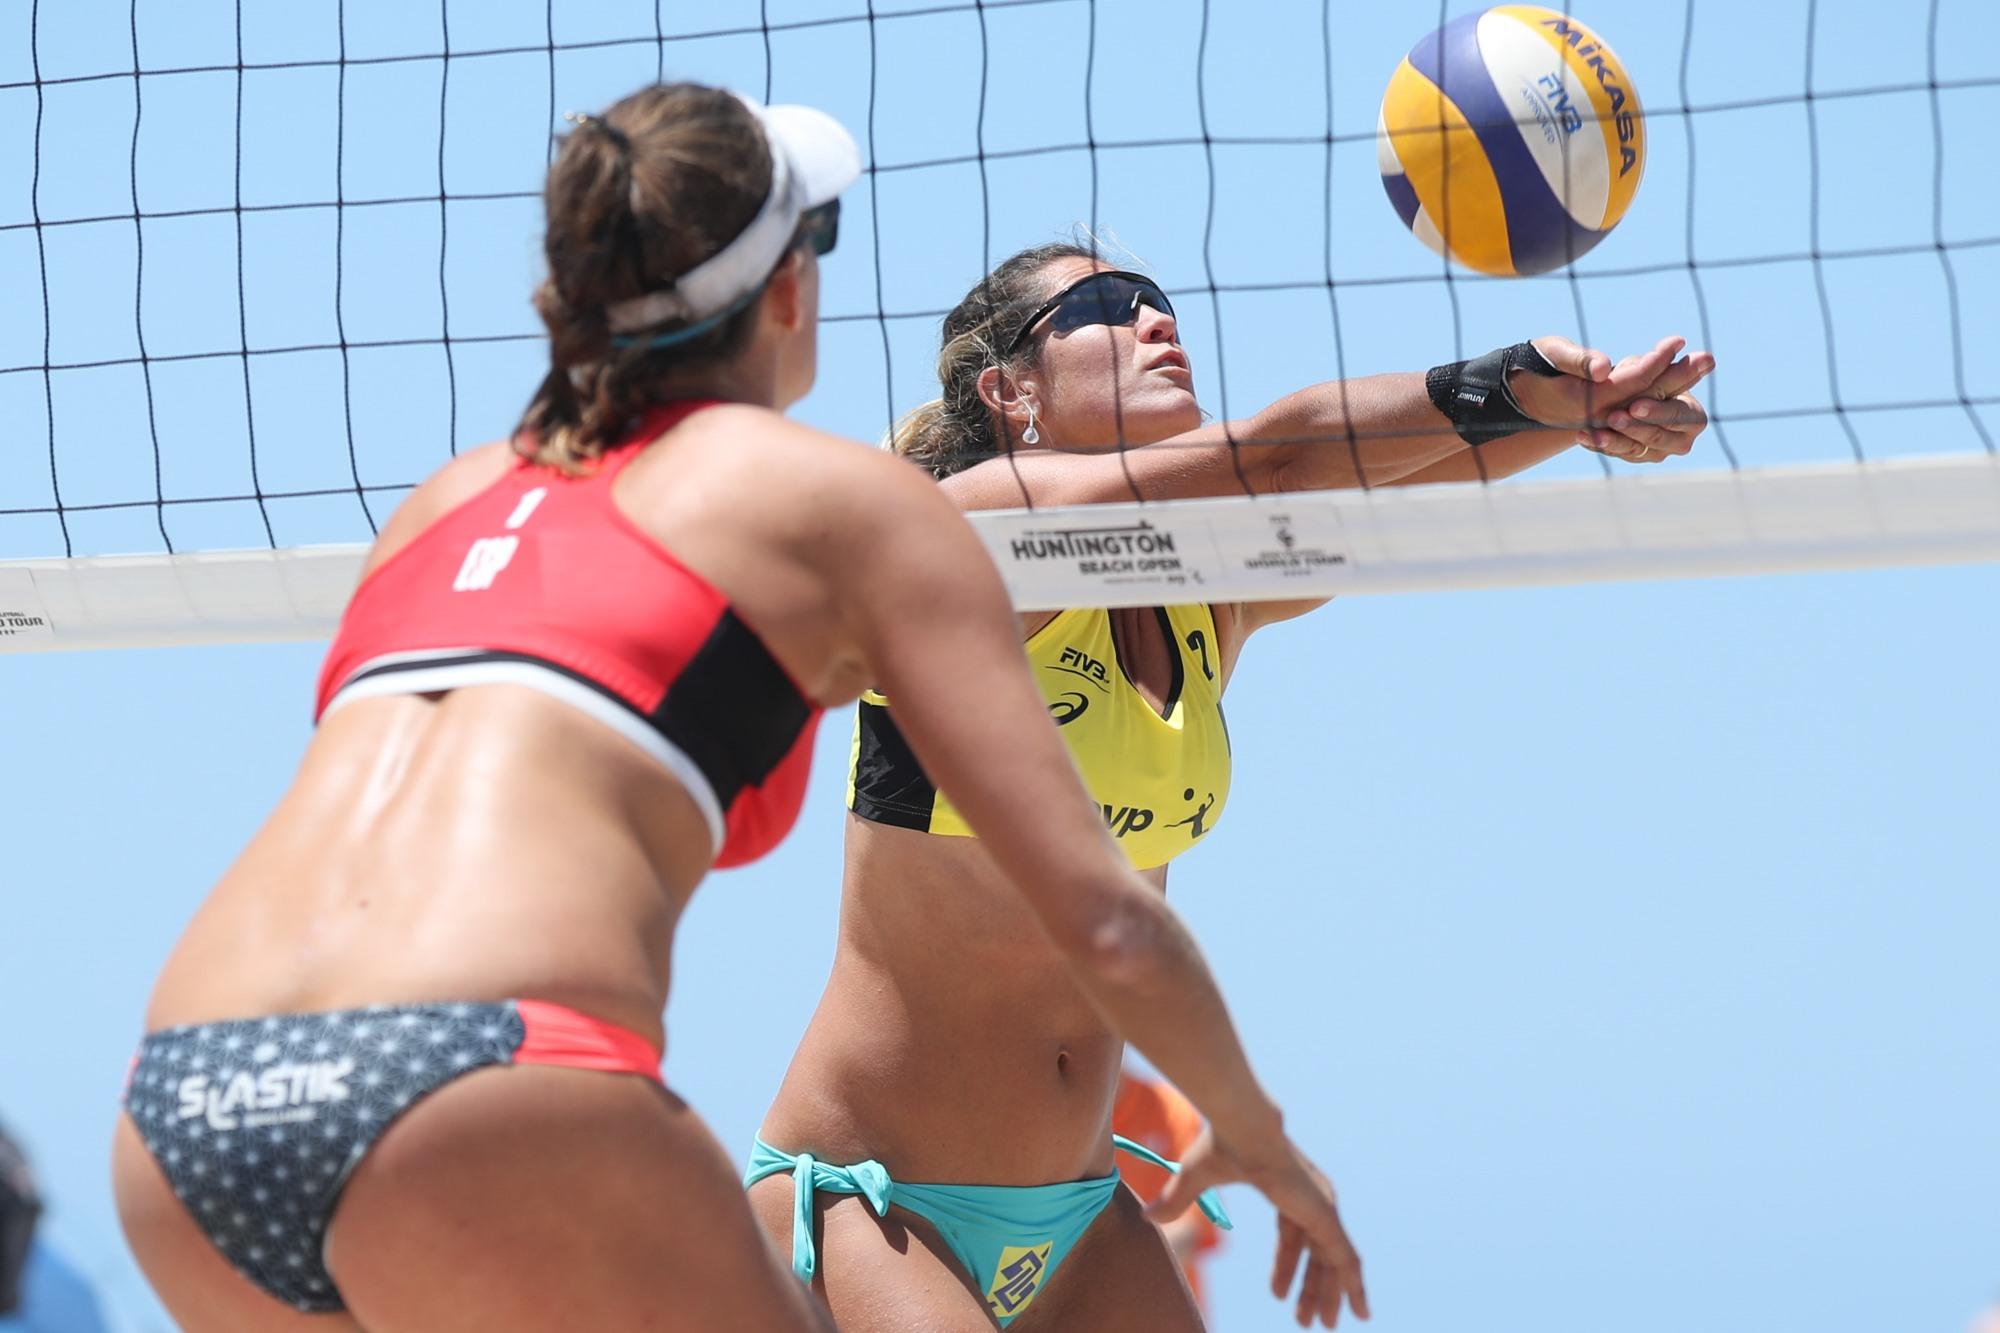 Brasil começa com quatro vitórias em cinco jogos no feminino nos EUA